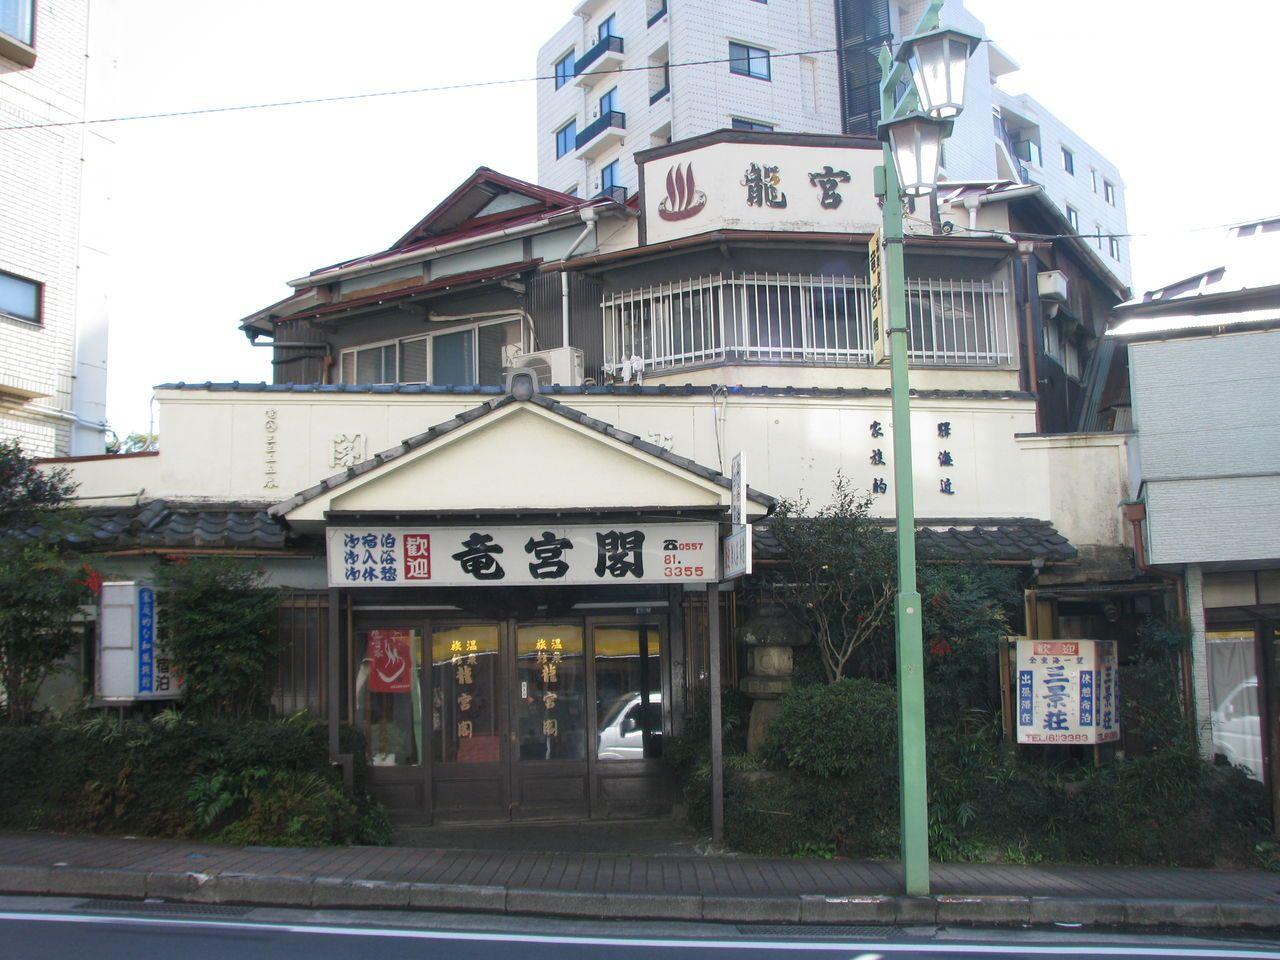 昭和にタイムスリップ。竜宮閣は穴場の温泉旅館。